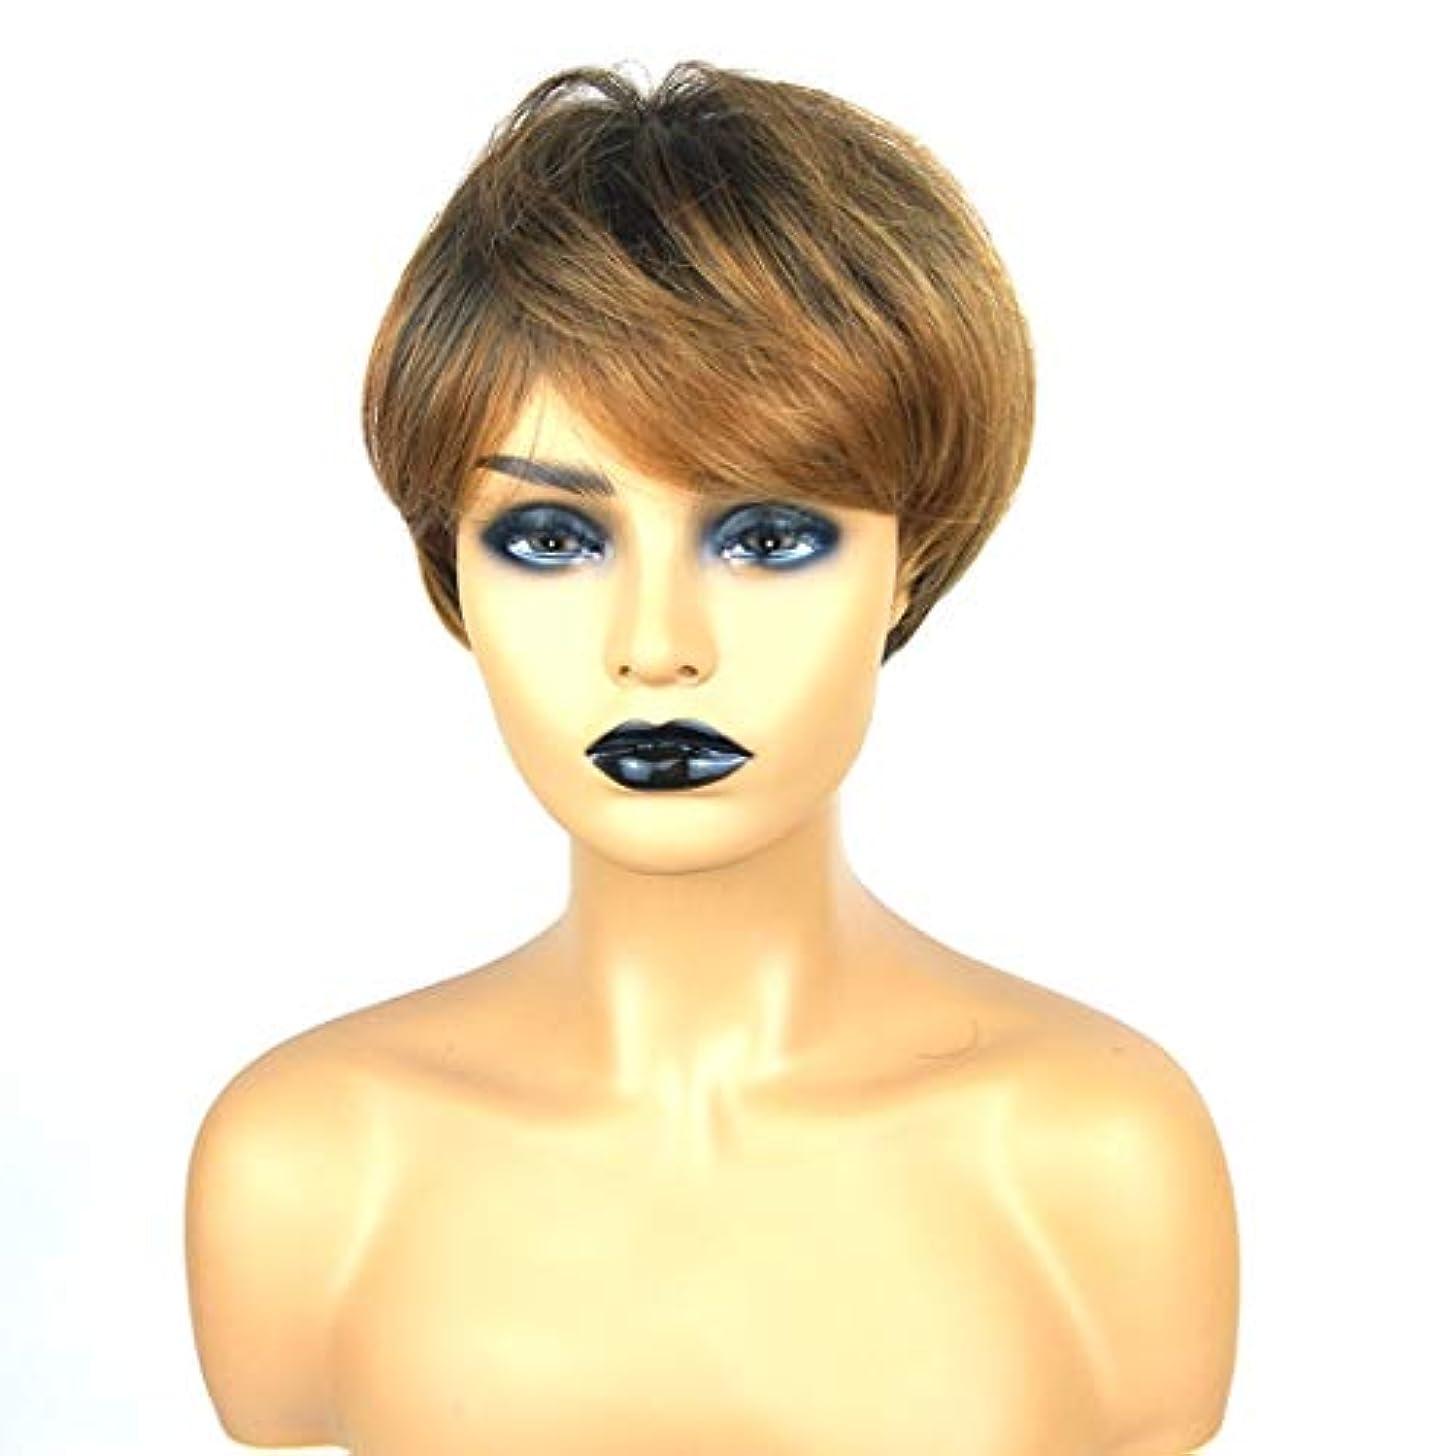 ポンド工業化する結紮Summerys ショートボブの髪の毛のかつら本物の髪として自然な女性のための合成かつらとストレートウィッグ